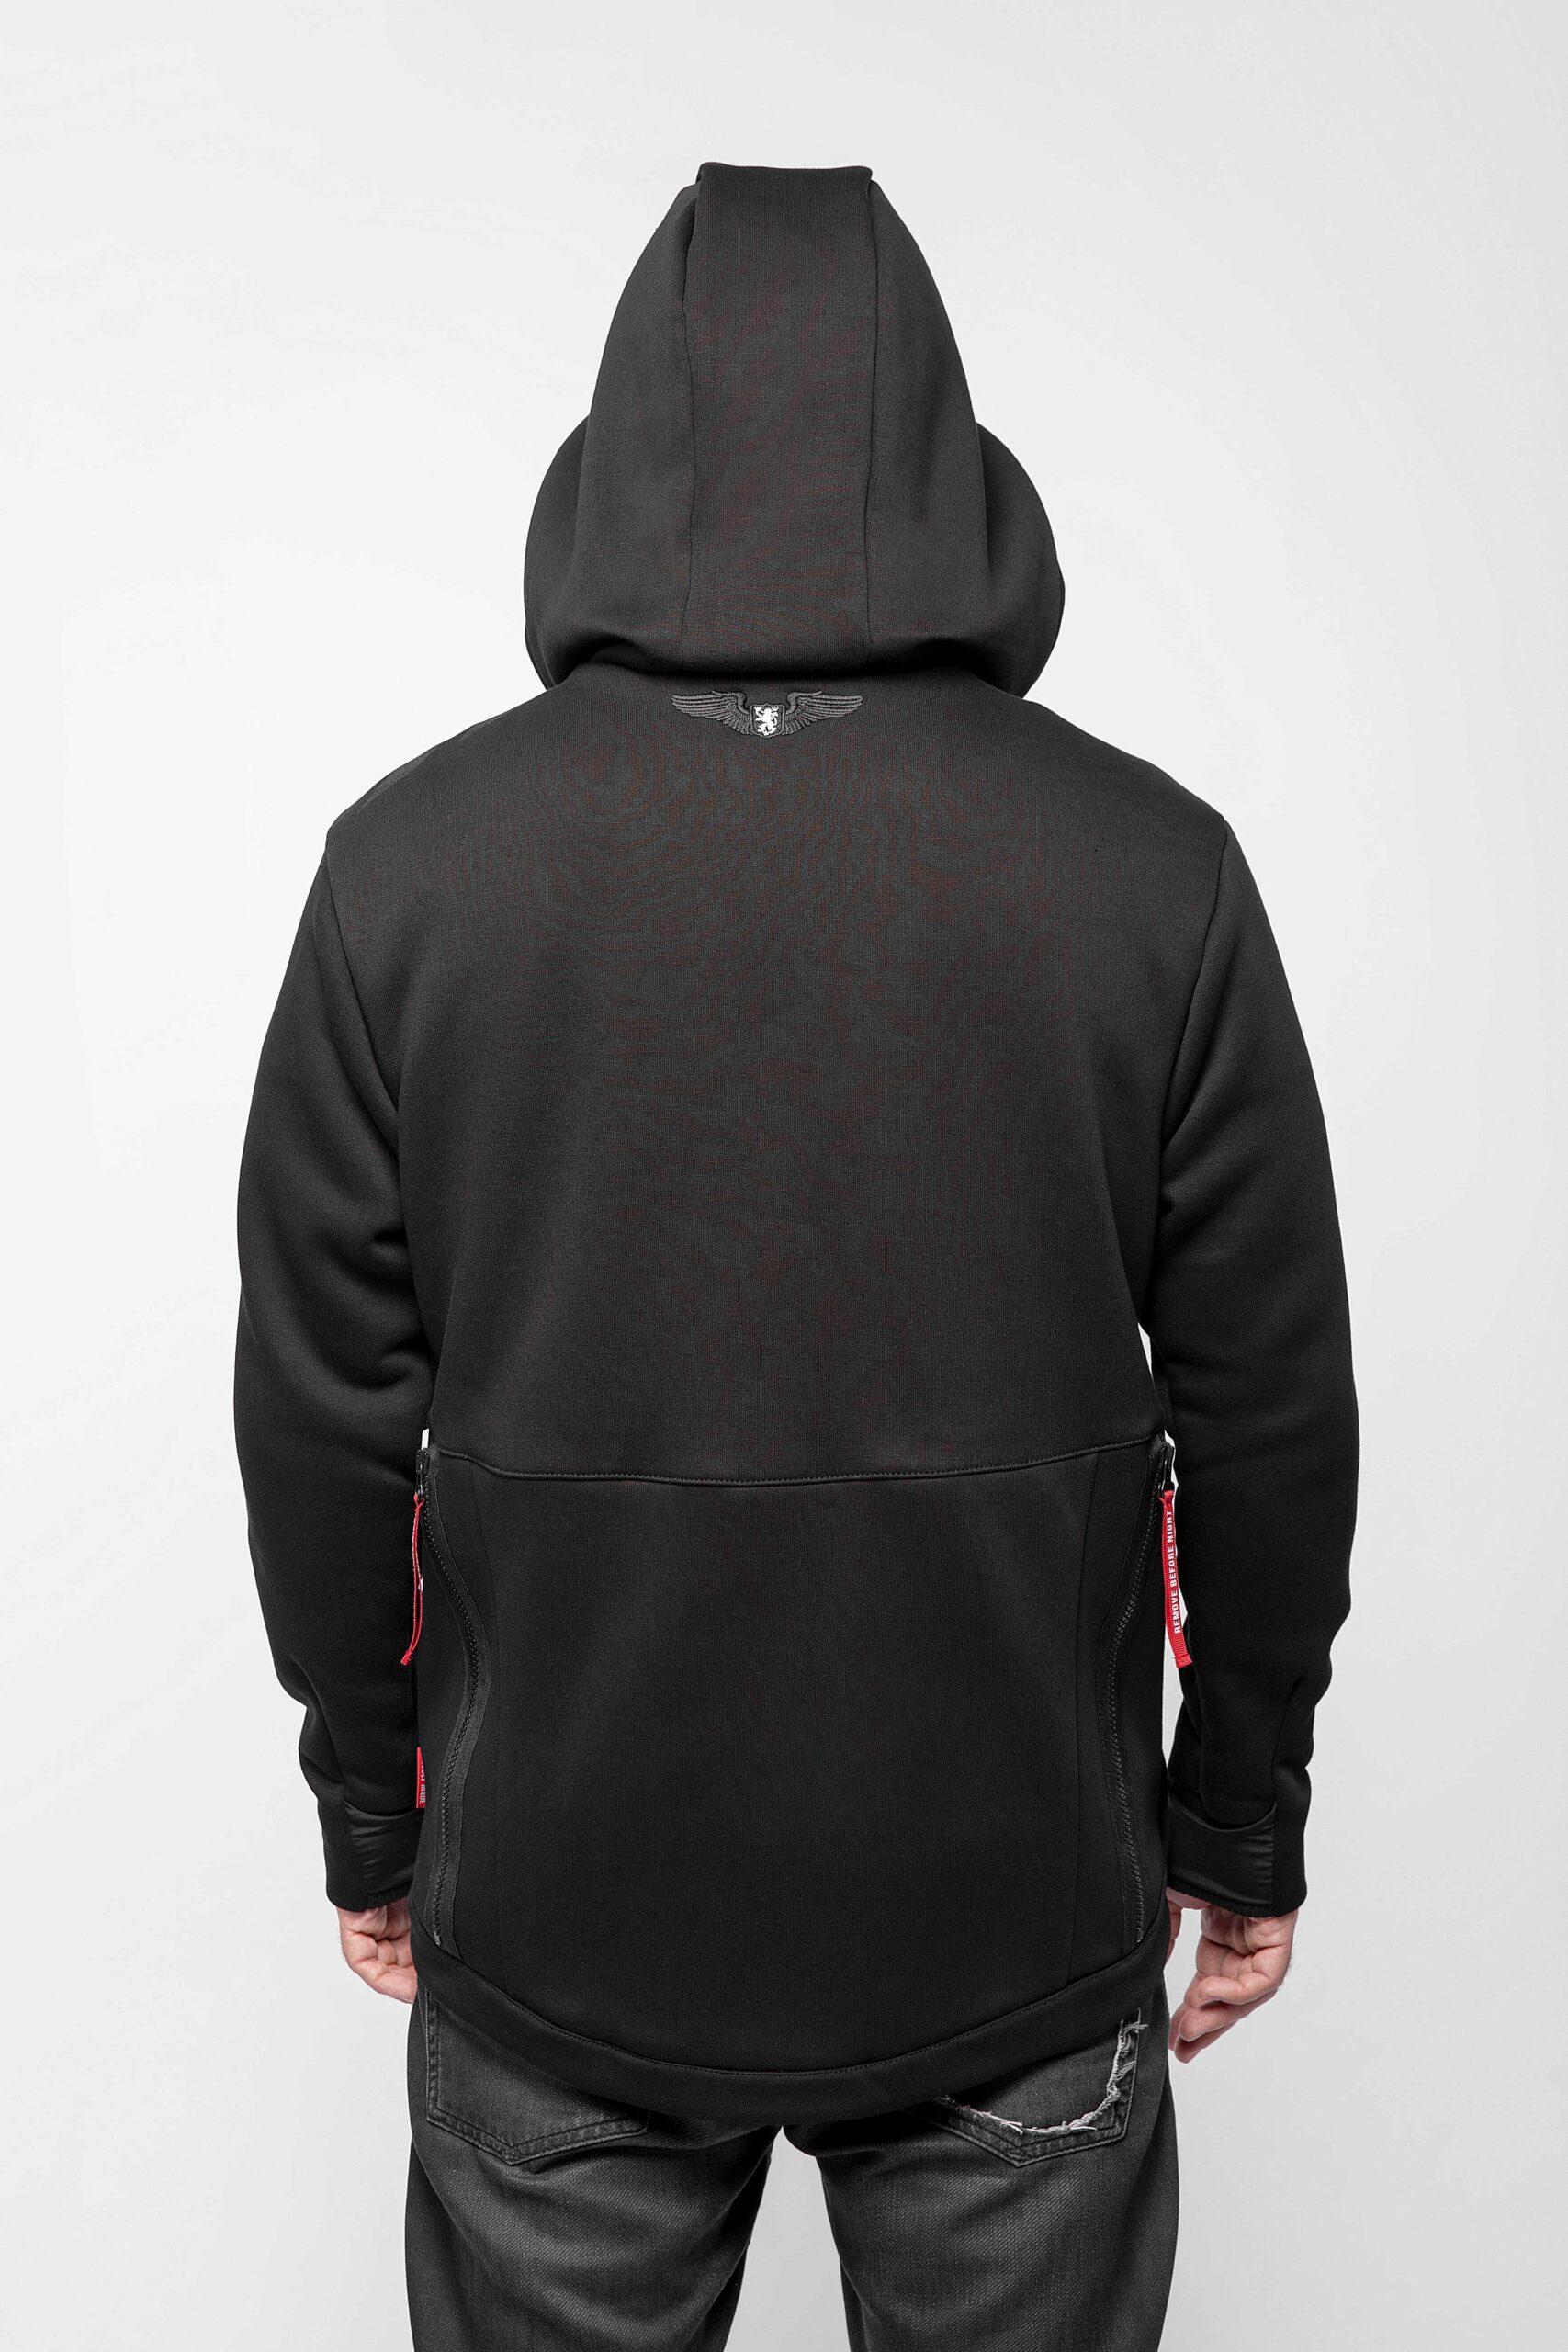 Чоловіче Худі Злітна Смуга. Колір чорний.  Зріст моделі: 180 см.